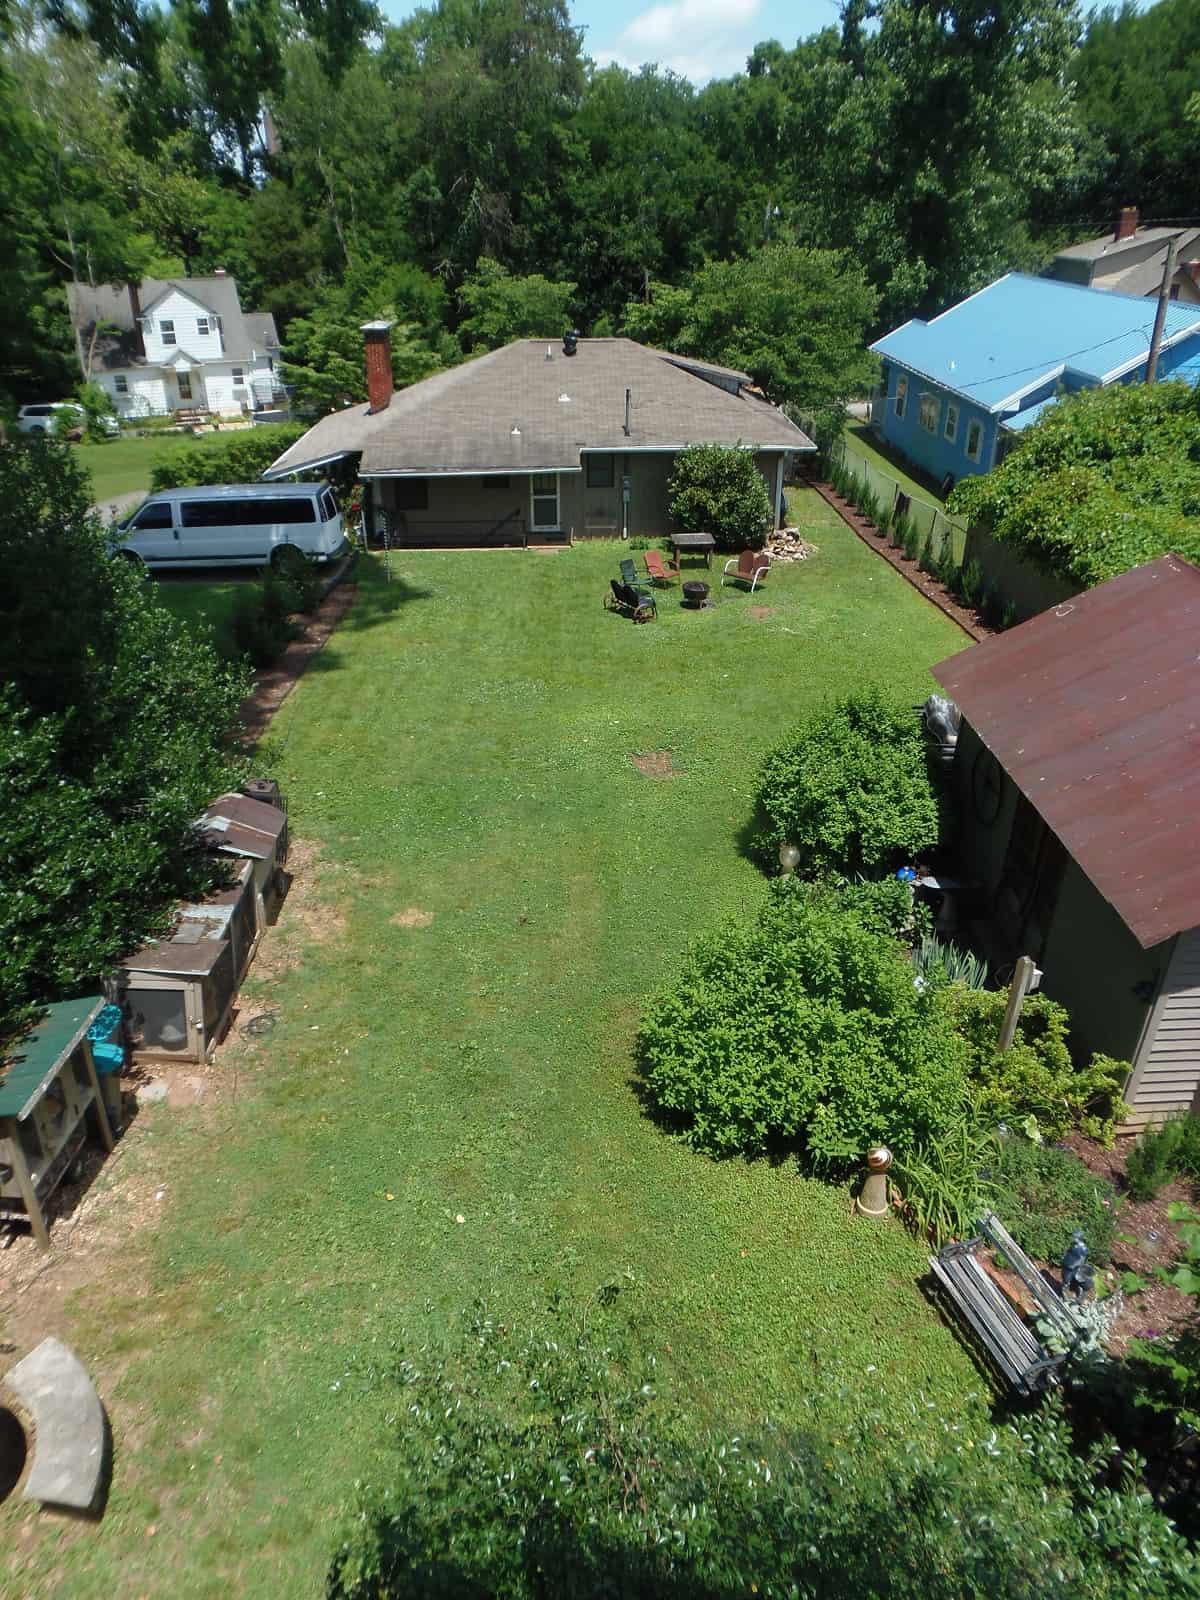 Aerial View of Backyard - June 2020